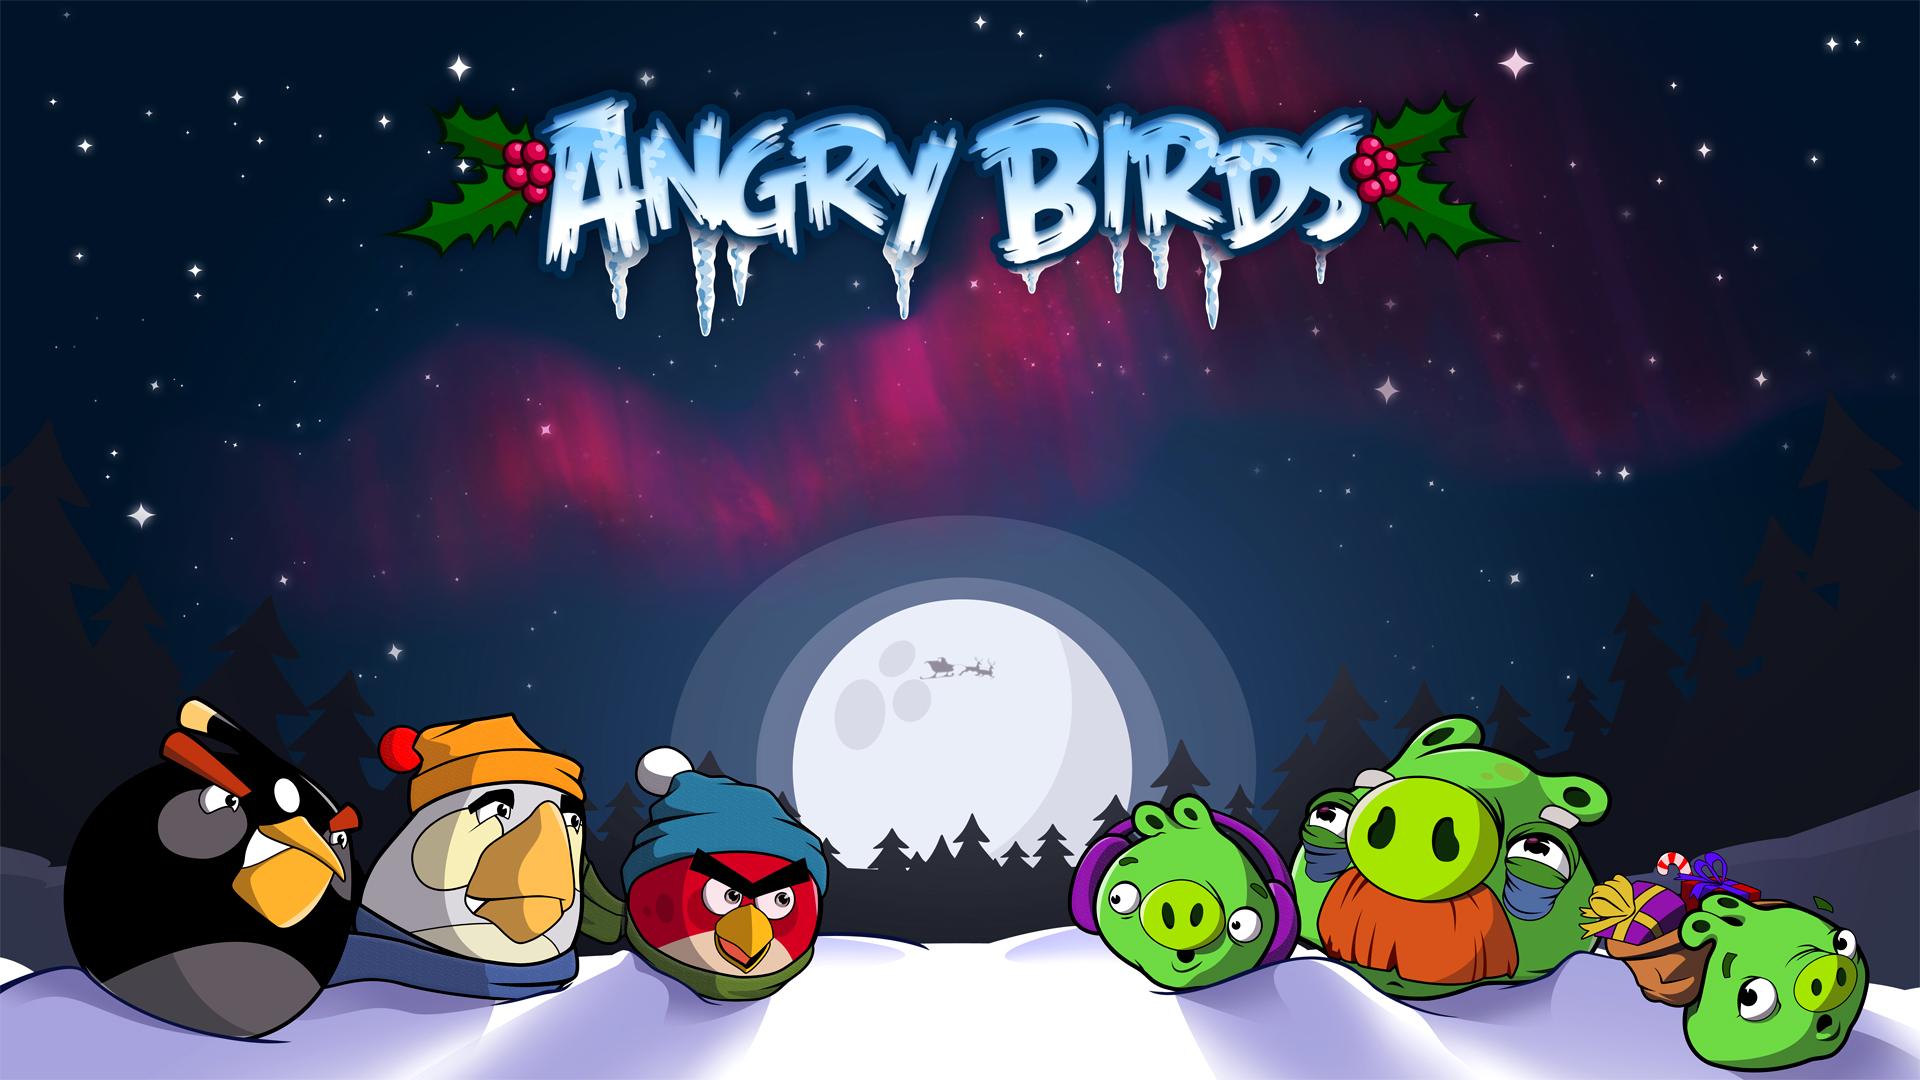 Angry Birds Christmas Wallpaper